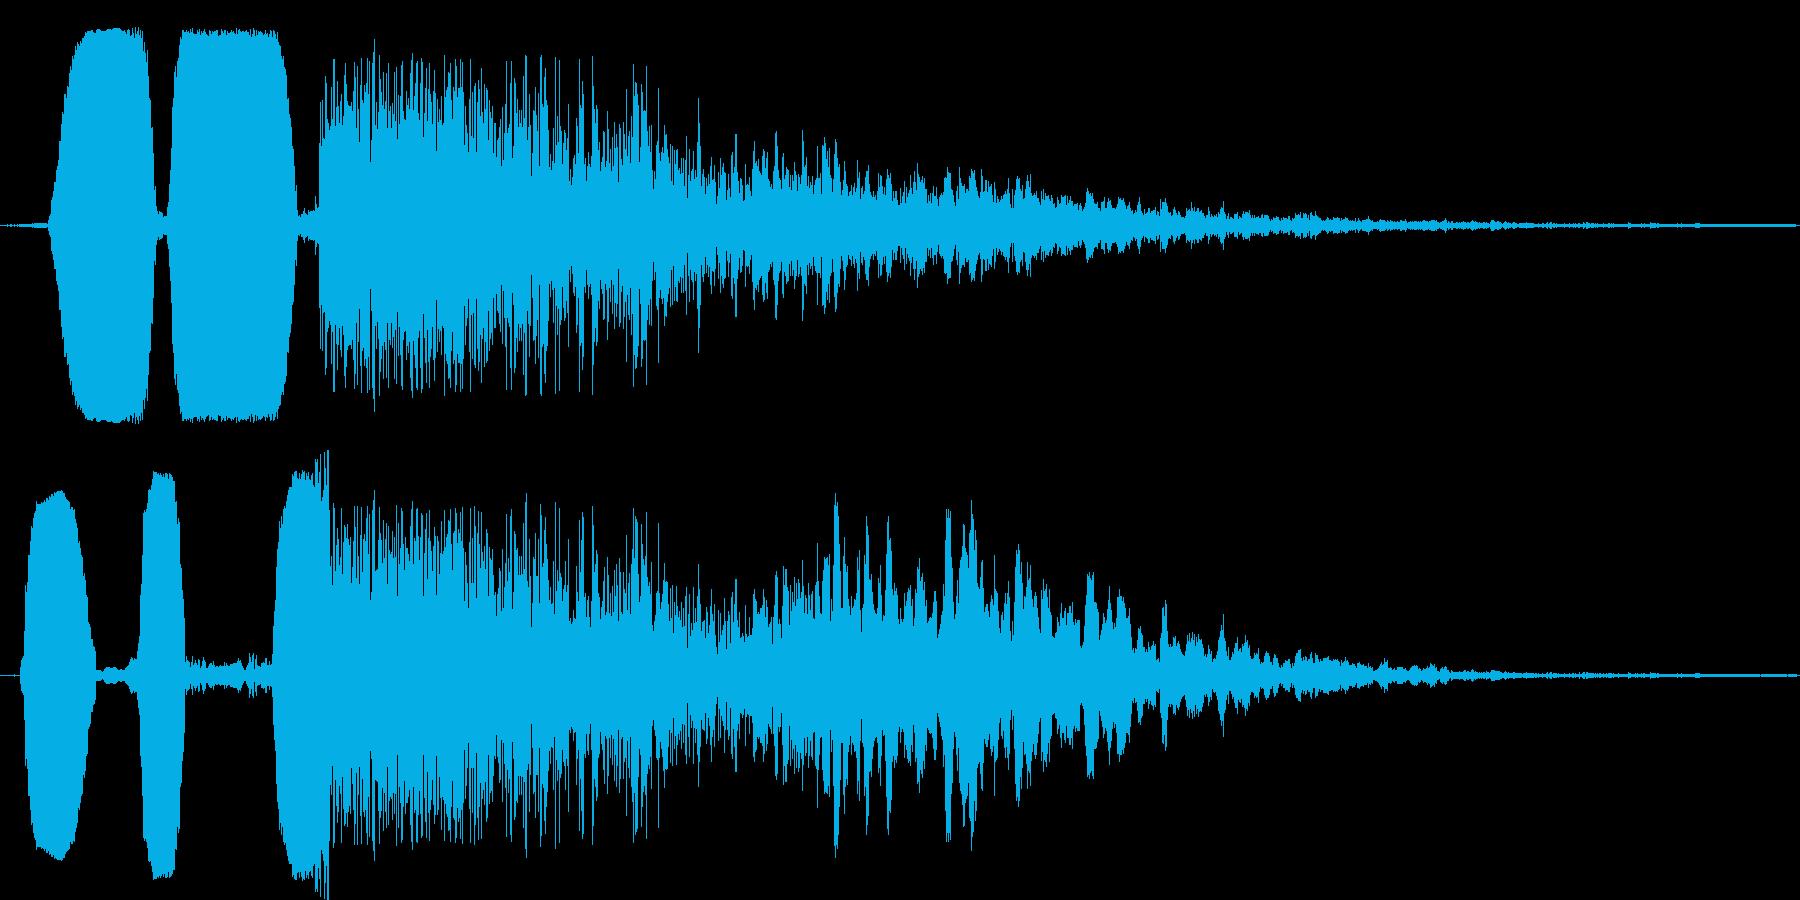 猫ブクブク★コミカルなシーンを演出の再生済みの波形